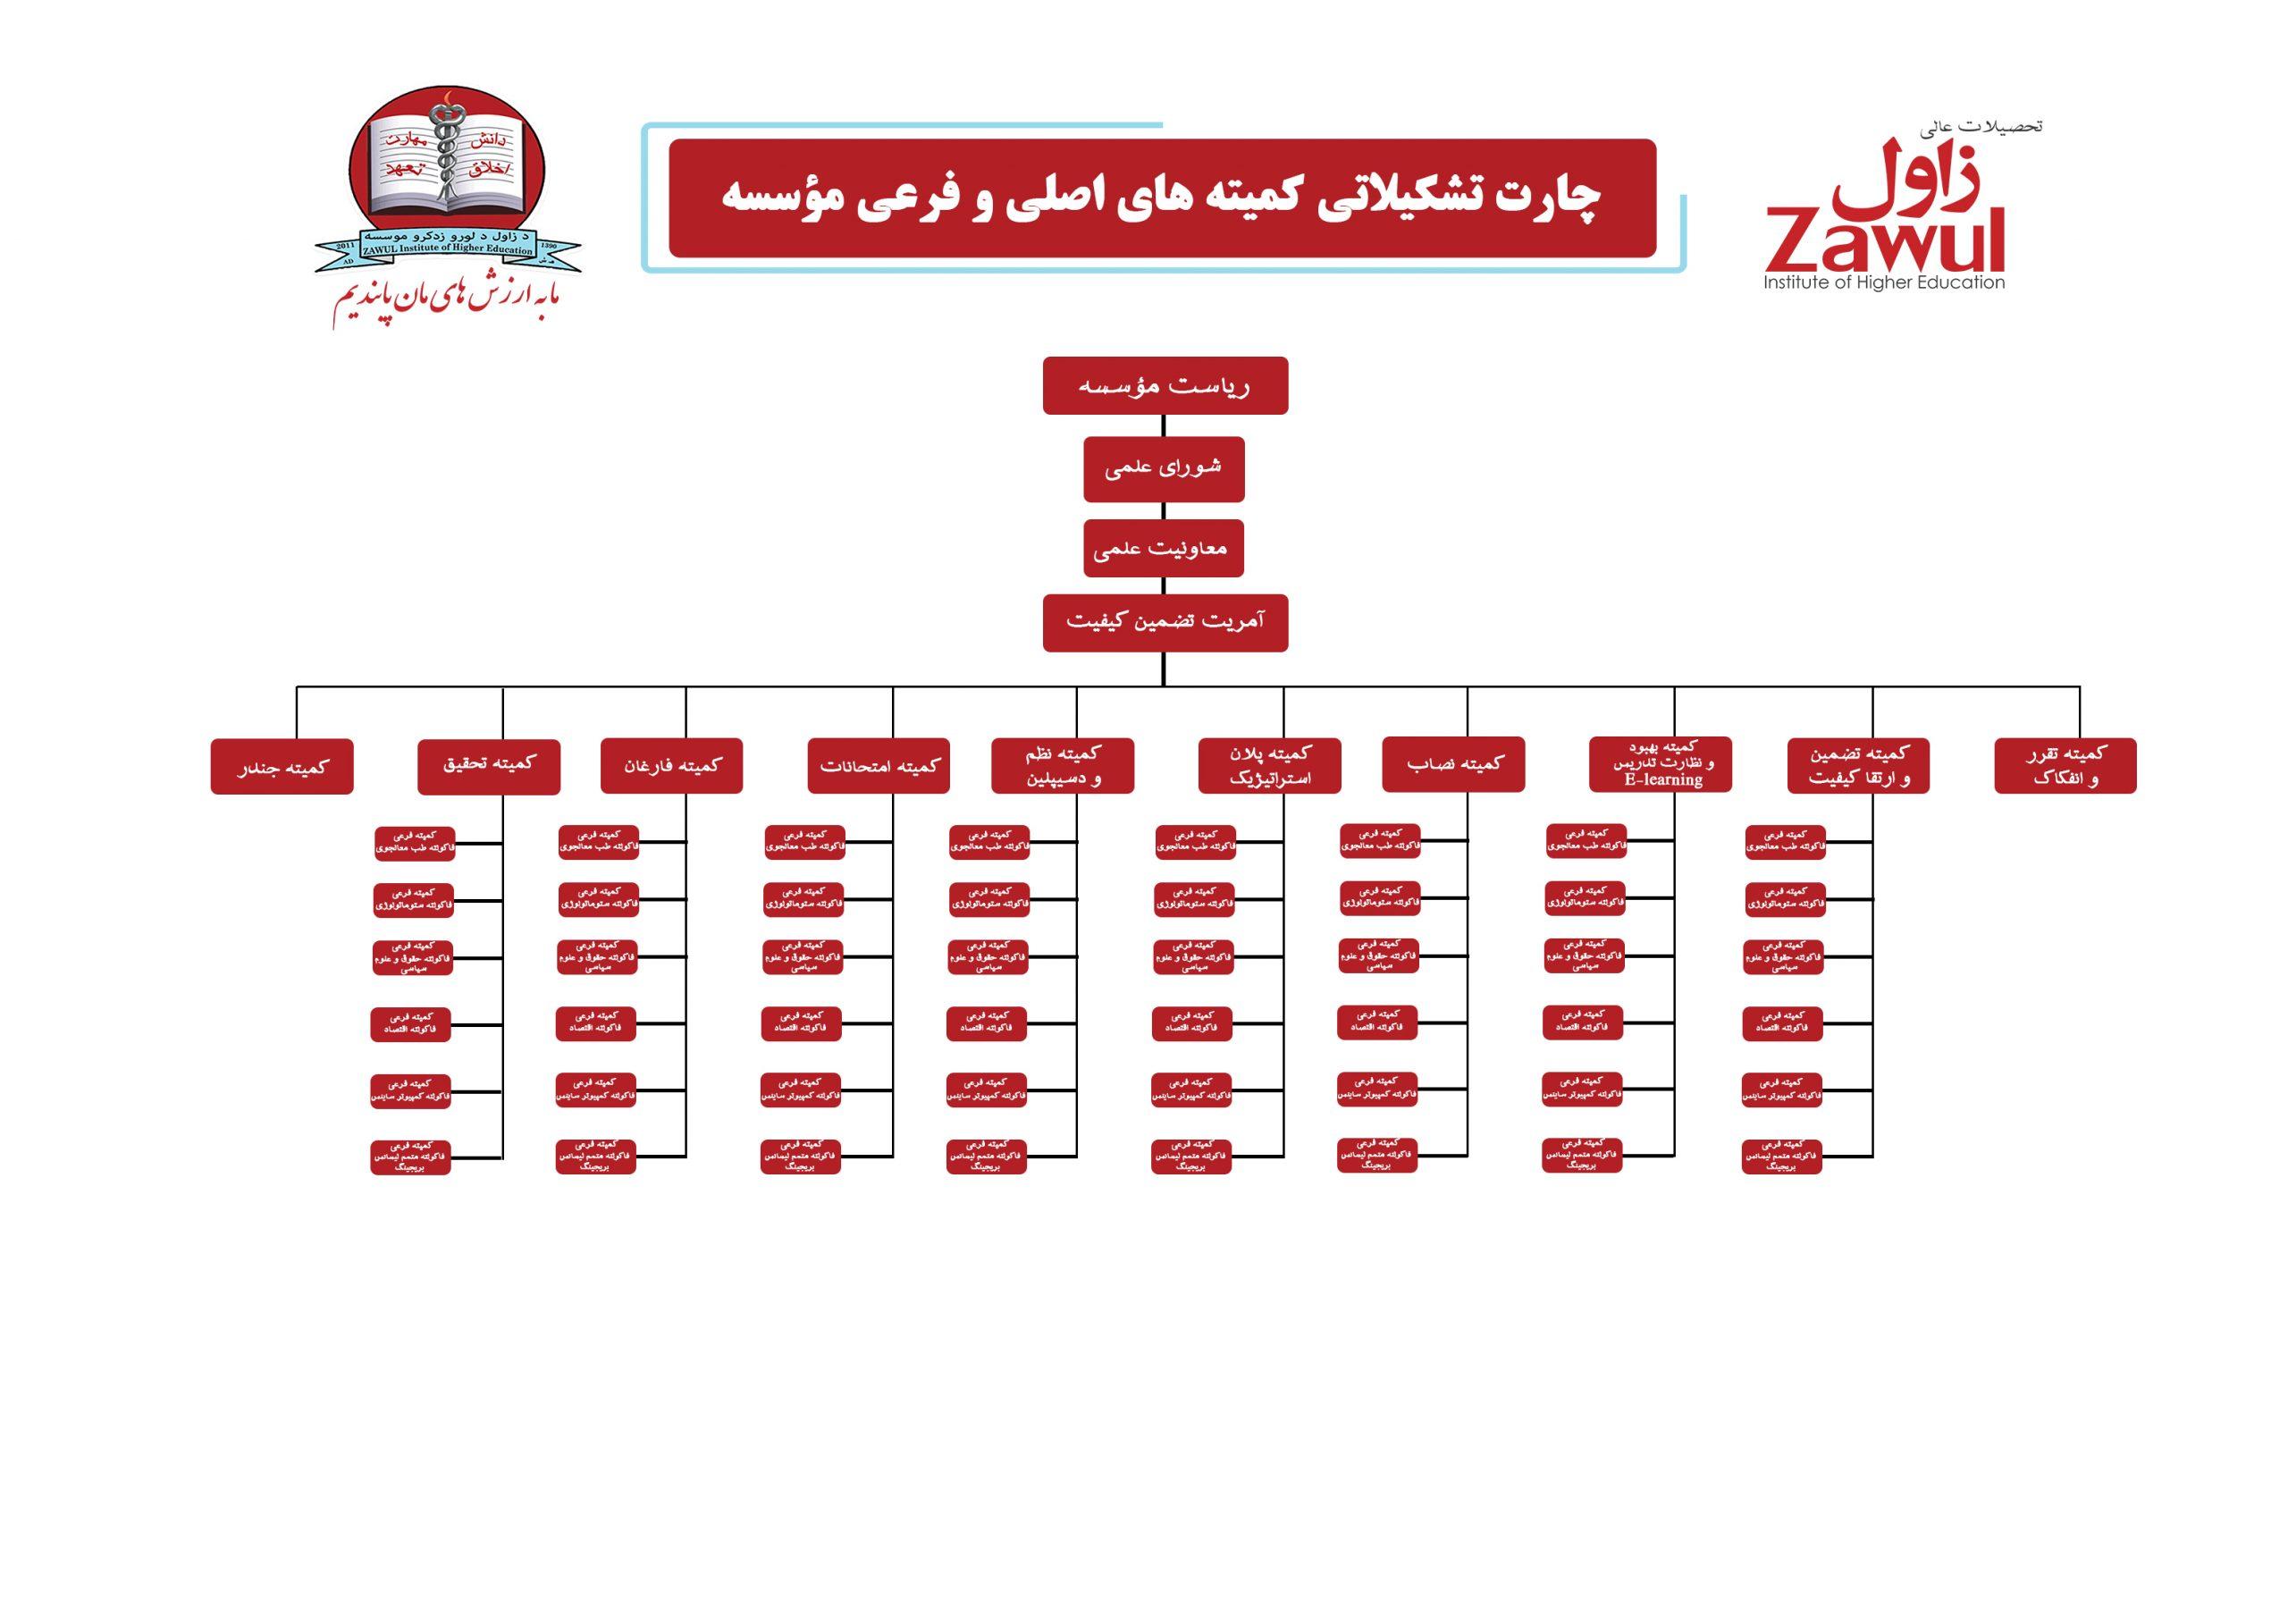 چارت تشکیلاتی کمیتههای اصلی و فرعی مؤسسه